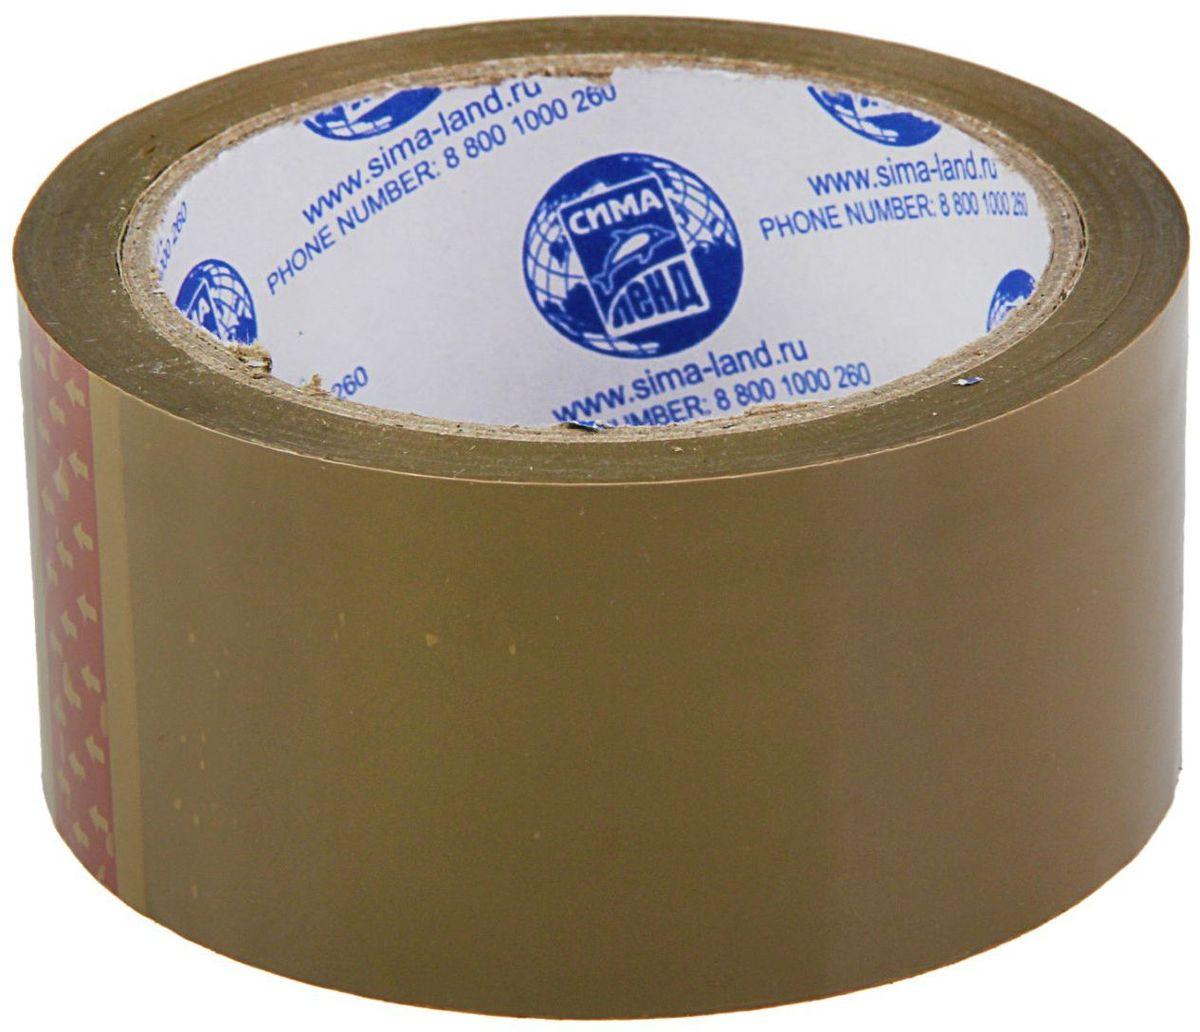 Клейкая лента 48 мм х 66 м цвет темно-коричневыйFS-00261Упаковочная клейкая лента изготовлена из двуосноориентированного полипропилена (ВОРР) высокой прочности с нанесением клеевого слоя с одной стороны ленты.Она универсальна и используется, в основном, для заклейки гофрокоробов, оклеивания различных грузов, обернутых в стрейч-пленку или в полиэтиленовую пленку.Не следует клеить ленту непосредственно на неупакованную продукцию, так как следы клея плохо отмываются.